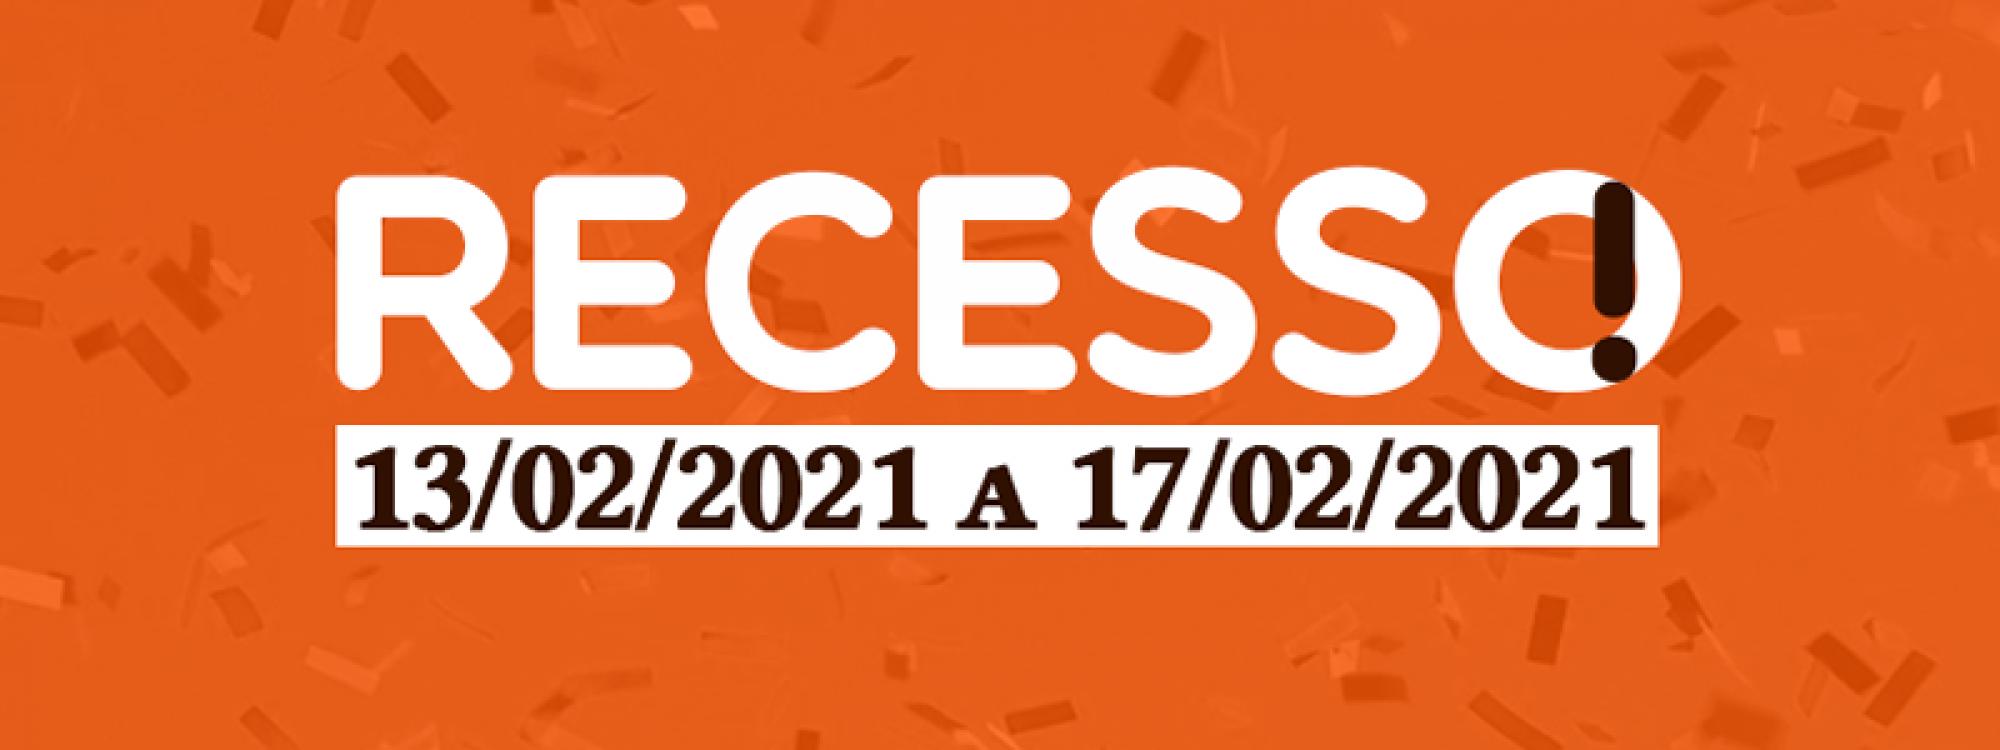 Recesso na ADUFU: 13 a 17 de fevereiro de 2021